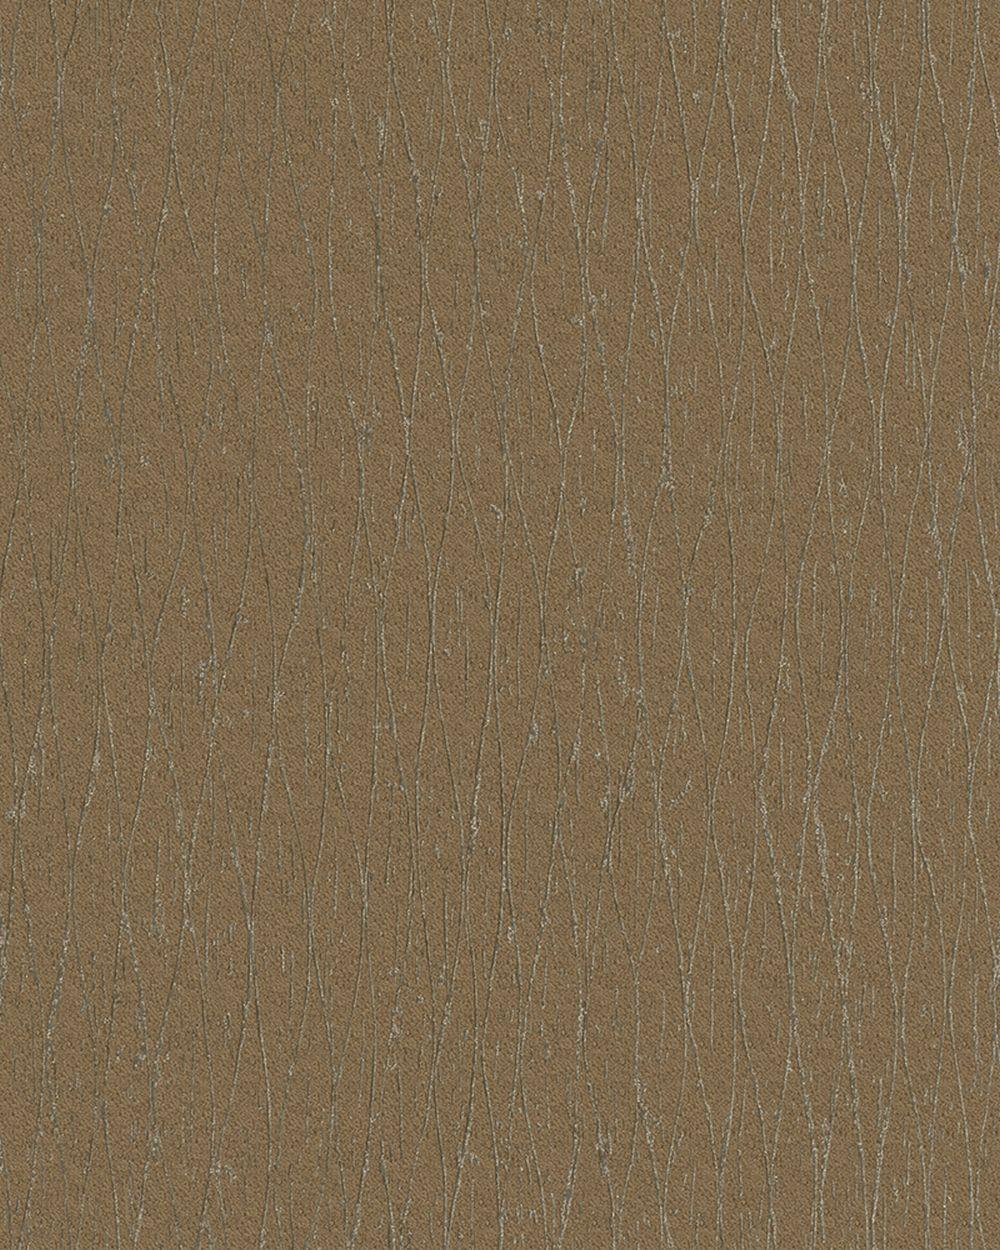 Tapete vlies grafisch karo braun gold metallic marburg 59323 for Tapete braun gold